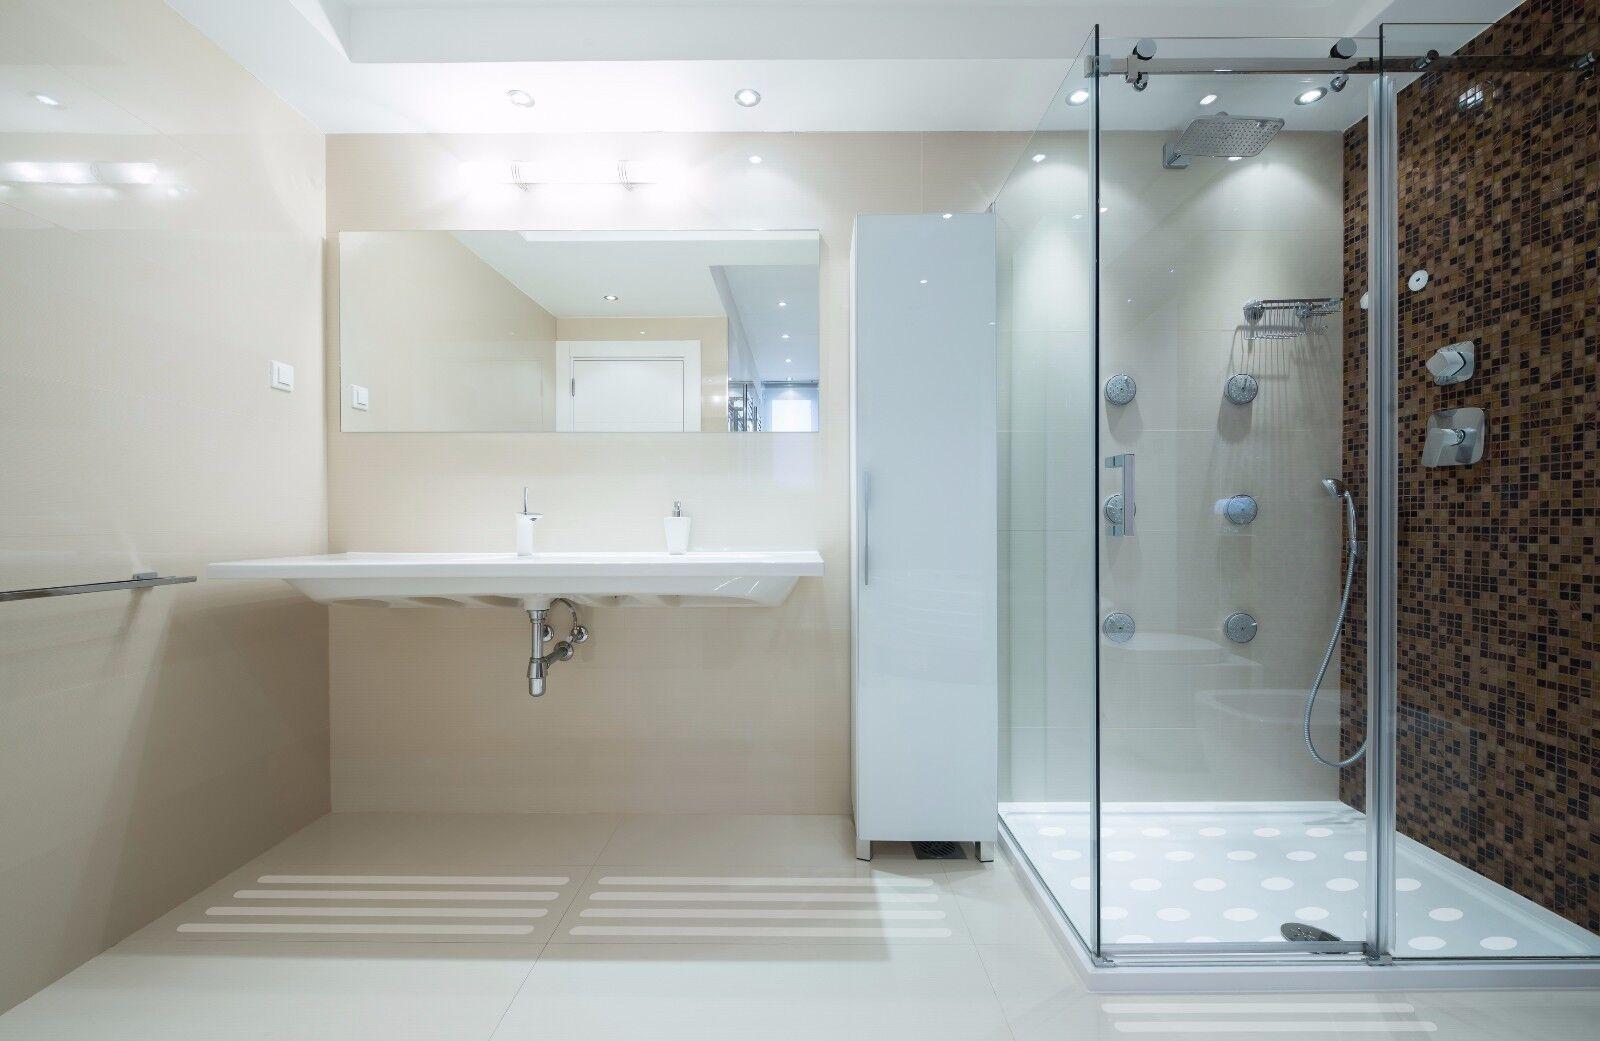 anti rutsch streifen dusche antirutschmatte anti rutsch pad 8 stk 30 cm x 2 cm kaufen bei kay. Black Bedroom Furniture Sets. Home Design Ideas